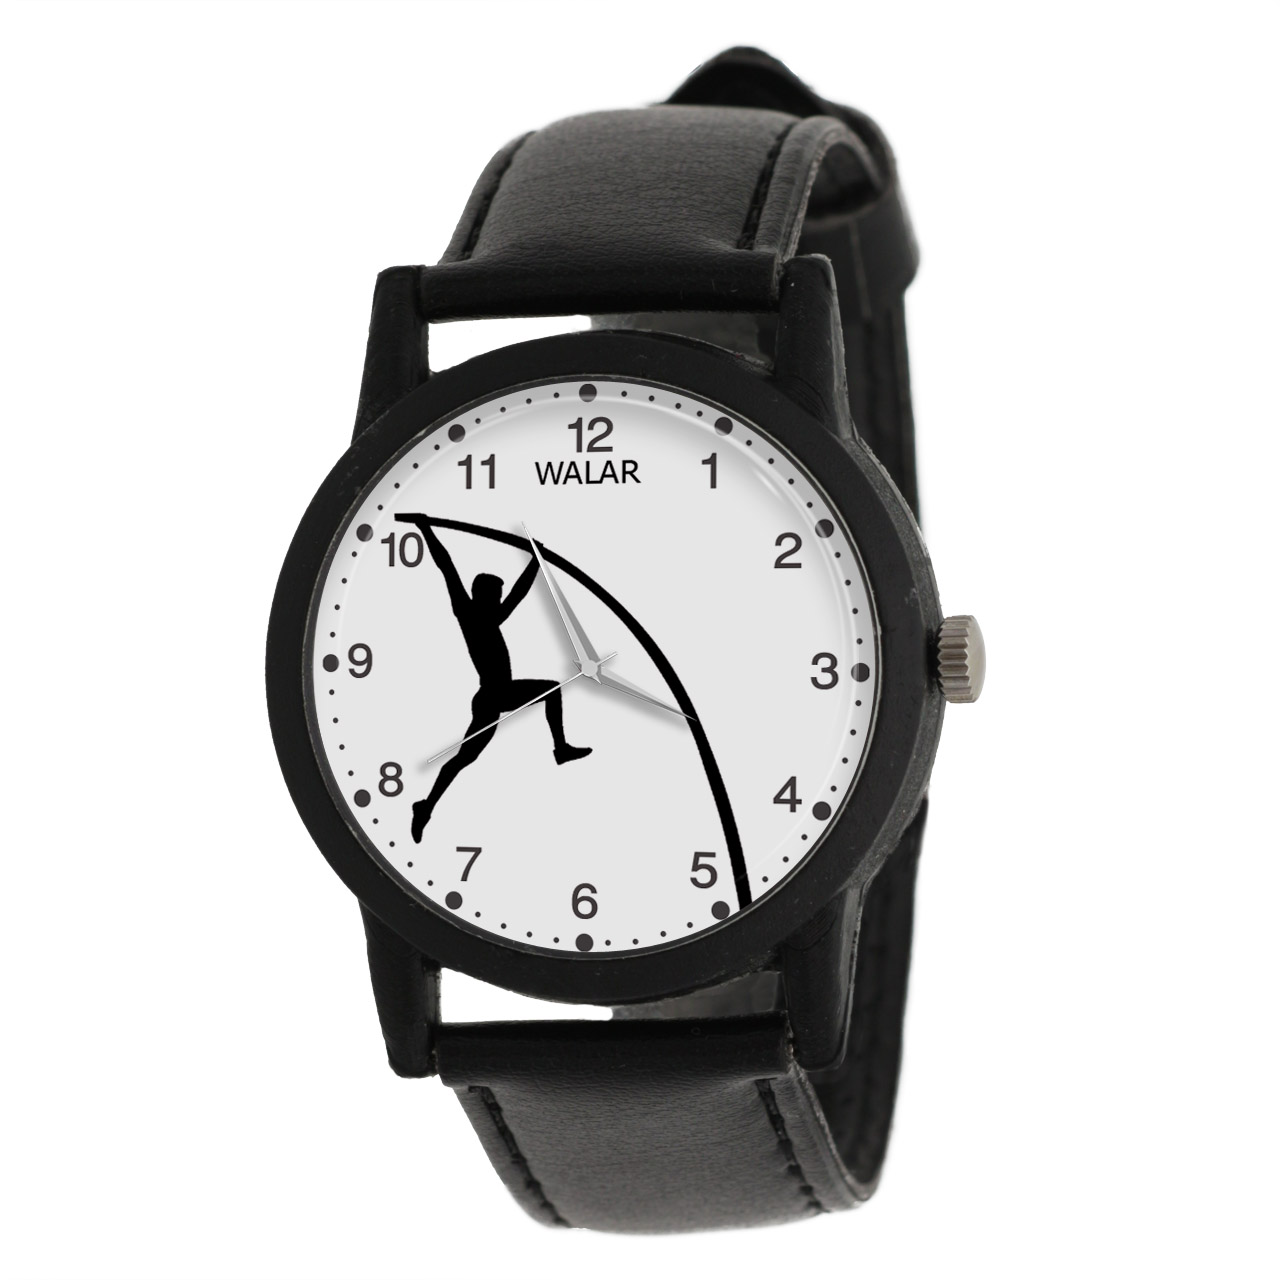 ساعت مچی  مردانه والار طرح پرش با نیزه کد LF2700              اصل